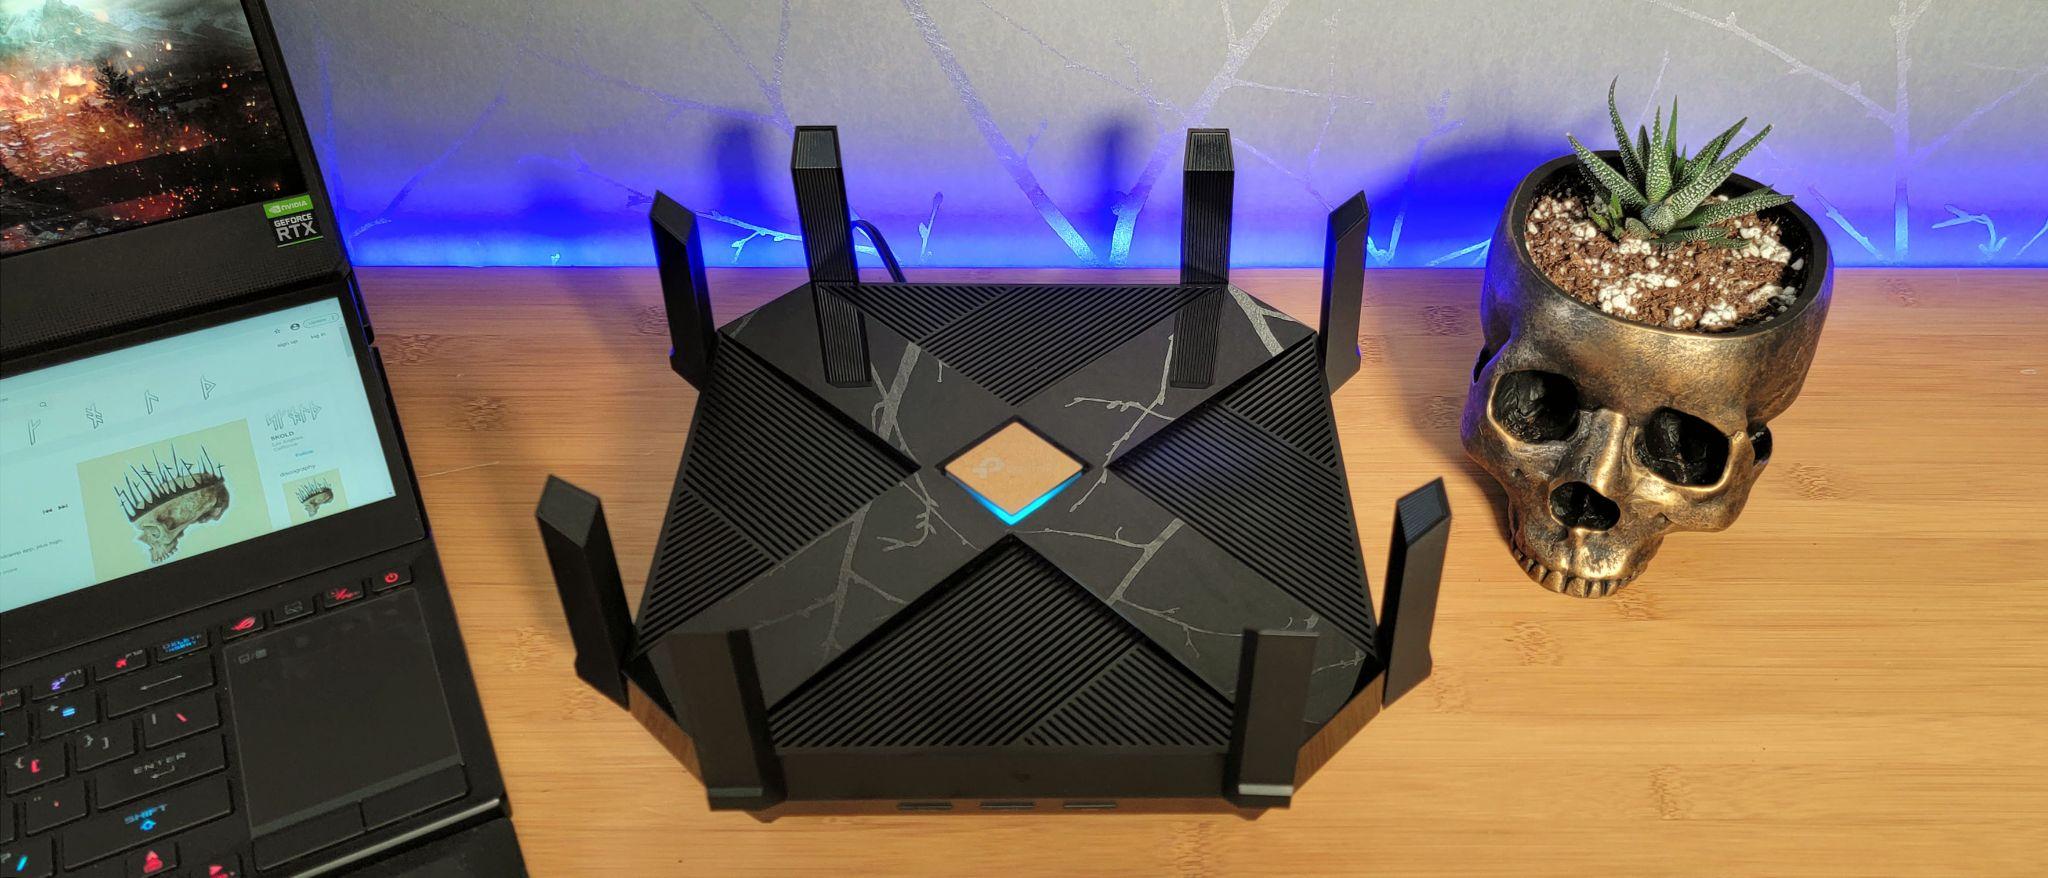 TP-Link Archer AX6000 Next-Gen Wi-Fi 6 Router Review: Mid-Range Ranger